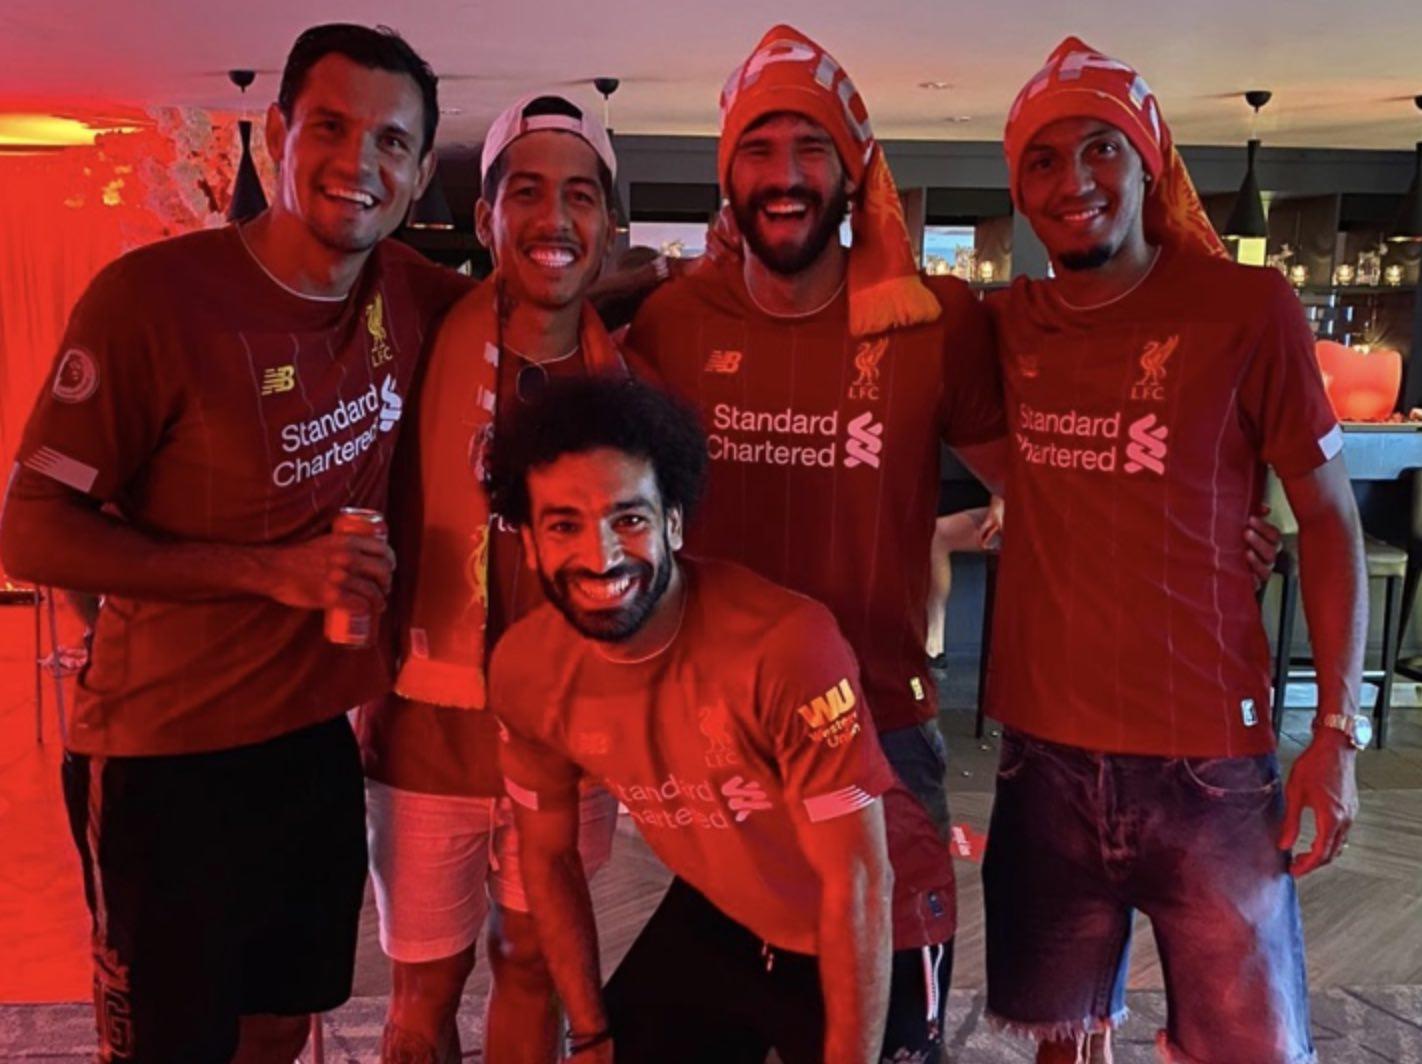 محمد صلاح يحتفل مع زملاءه بلقب الدوري الانجليزي